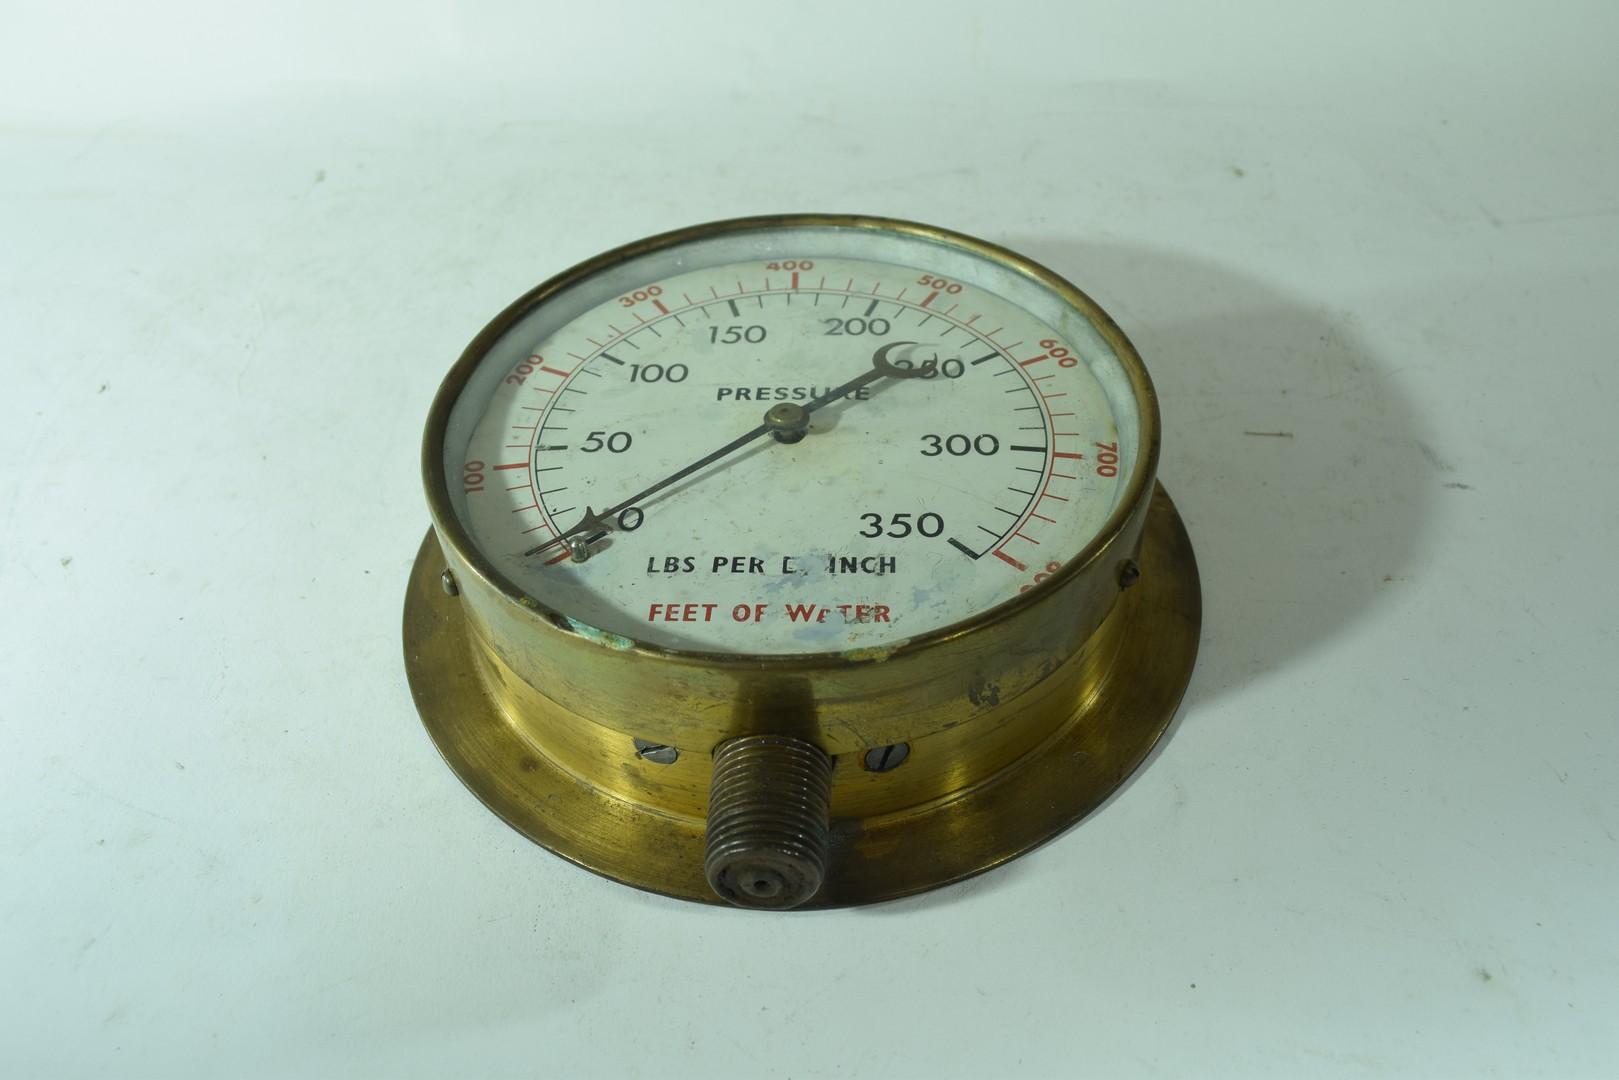 Vintage brass cased pressure gauge - Image 2 of 4